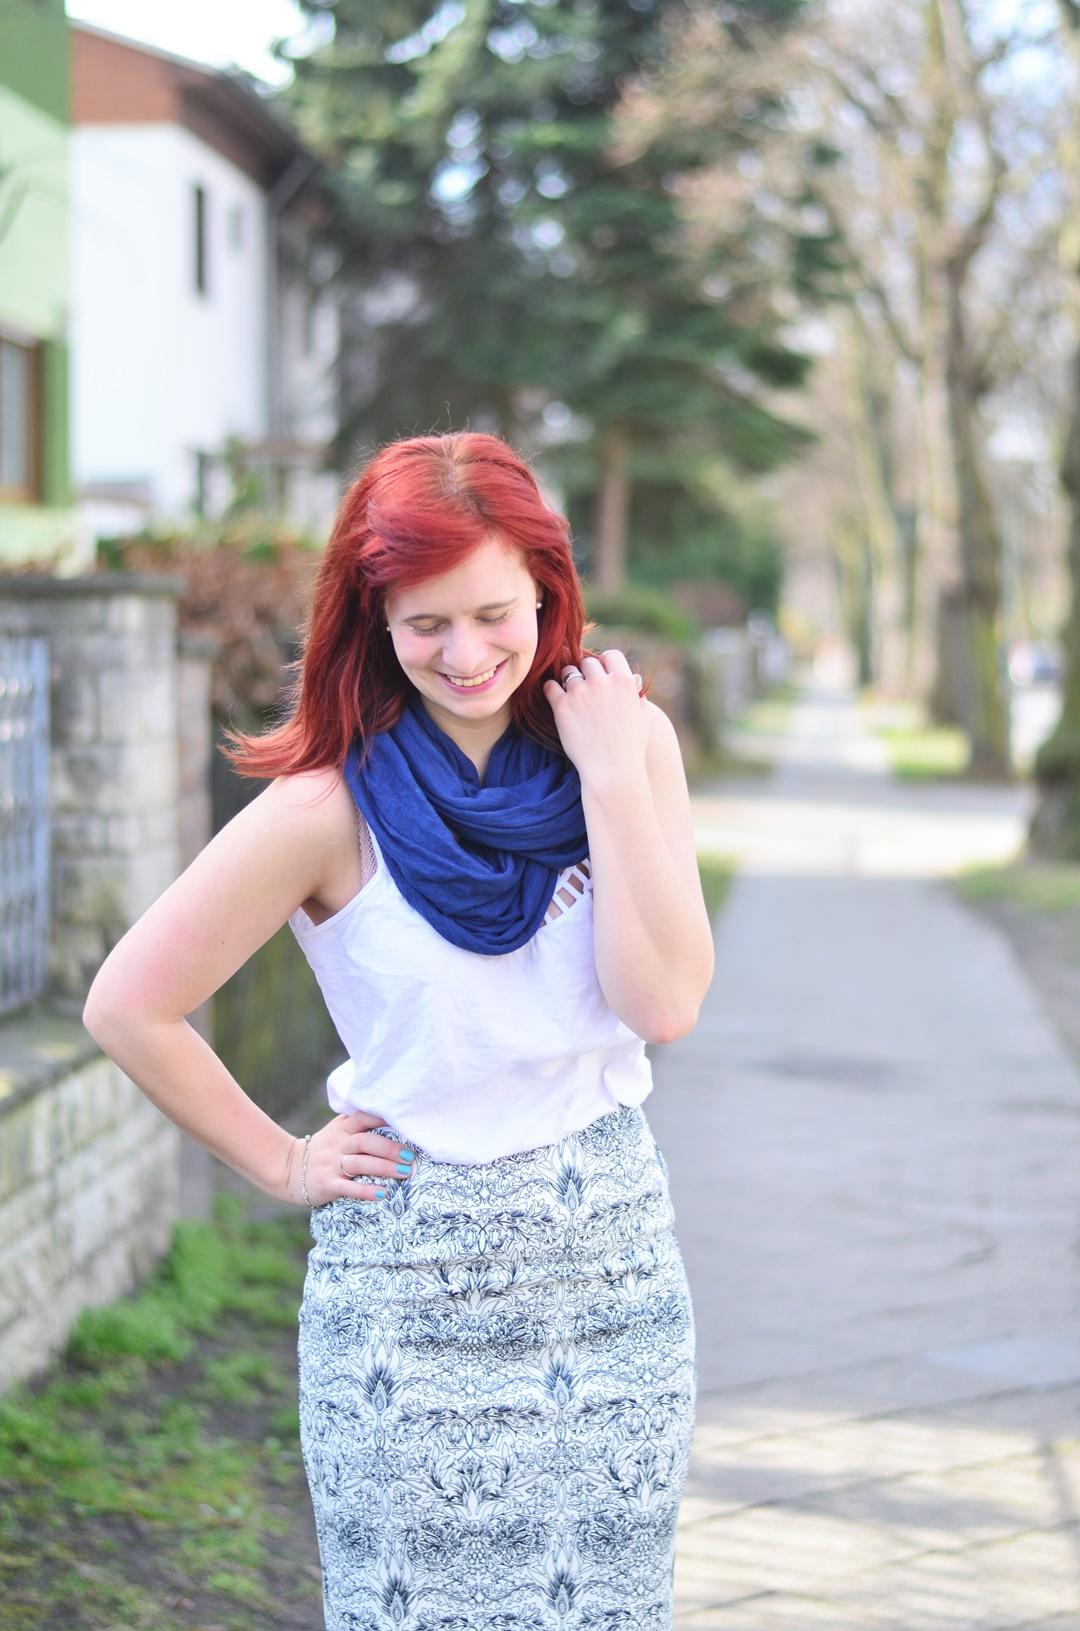 blauer Bleistiftrock_Outfit mit Bleistiftrock_blau weißes Outfit_schickes Outfit mit Rock_Bleistiftrock kombinieren_rothaarige Bloggerin_Annanikabu_1 (7)